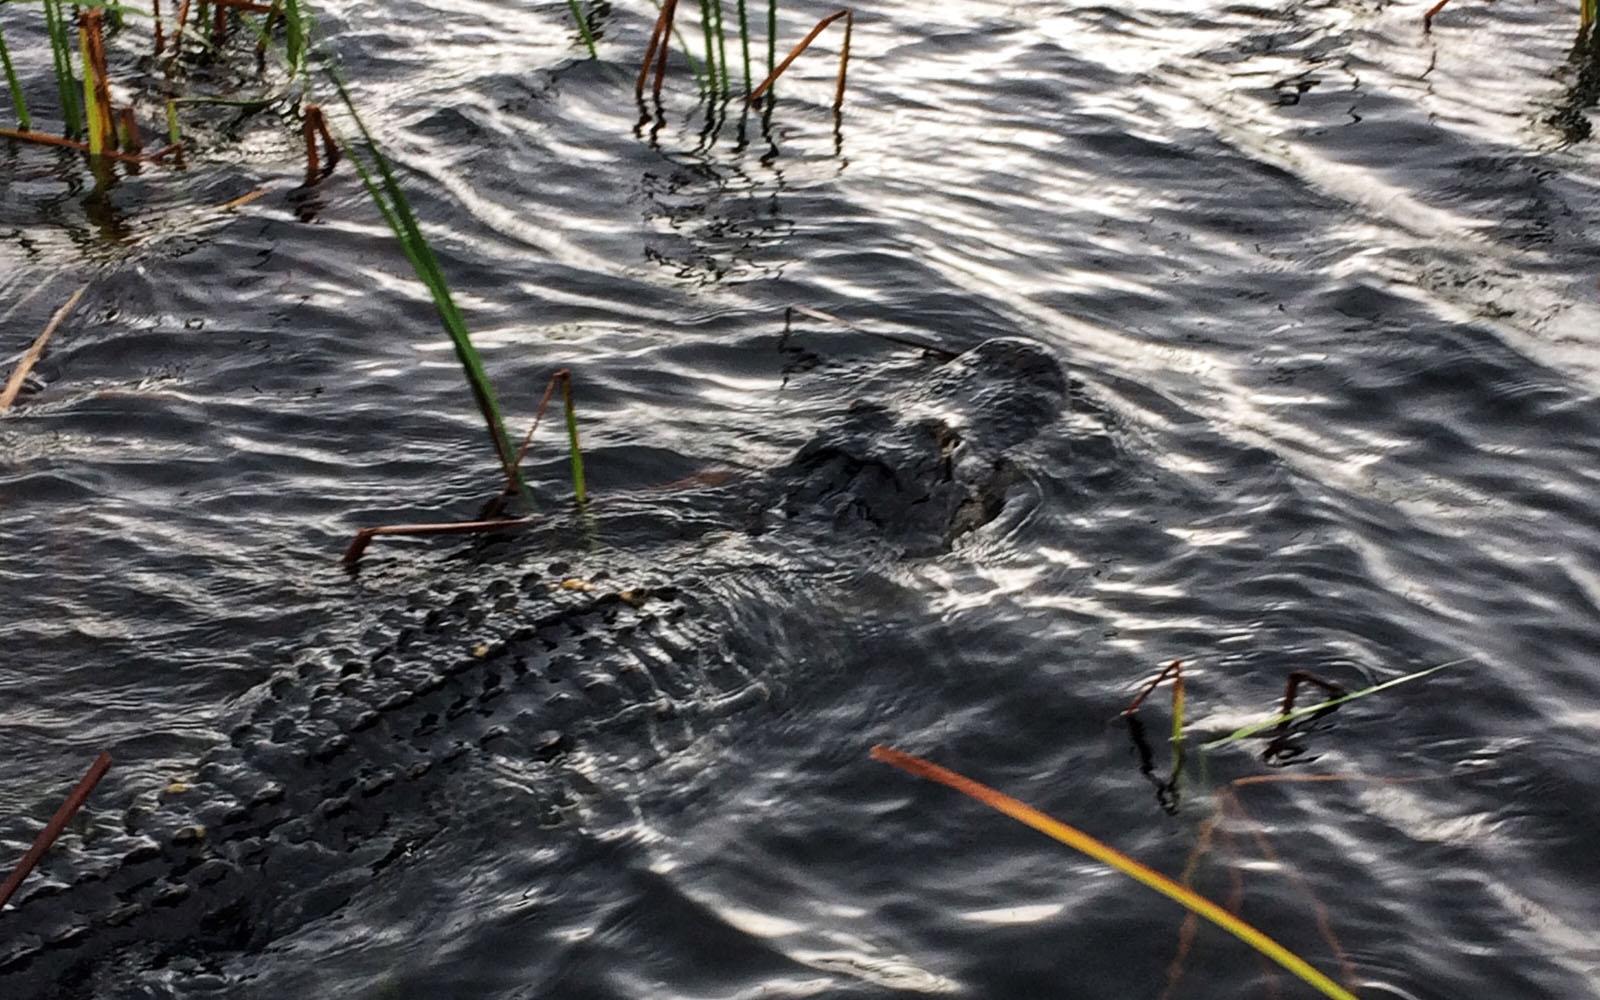 Uno dei molteplici coccodrilli che popolano le Everglades.